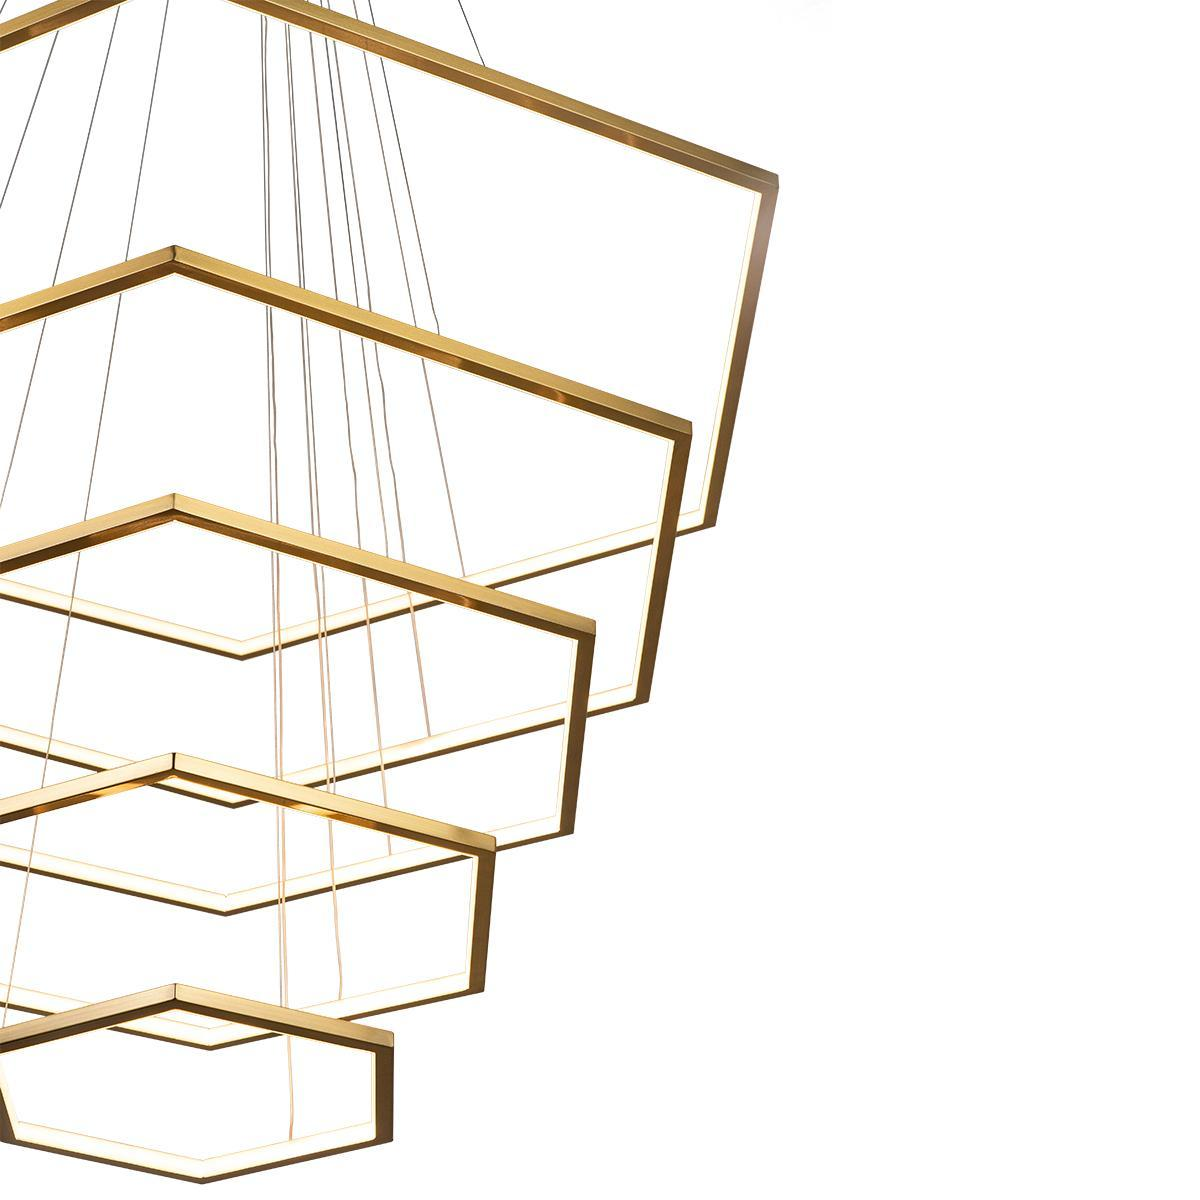 Подвесной светодиодный светильник Loft It Ring 10016/5, LED 122W, матовое золото, металл - фото 4